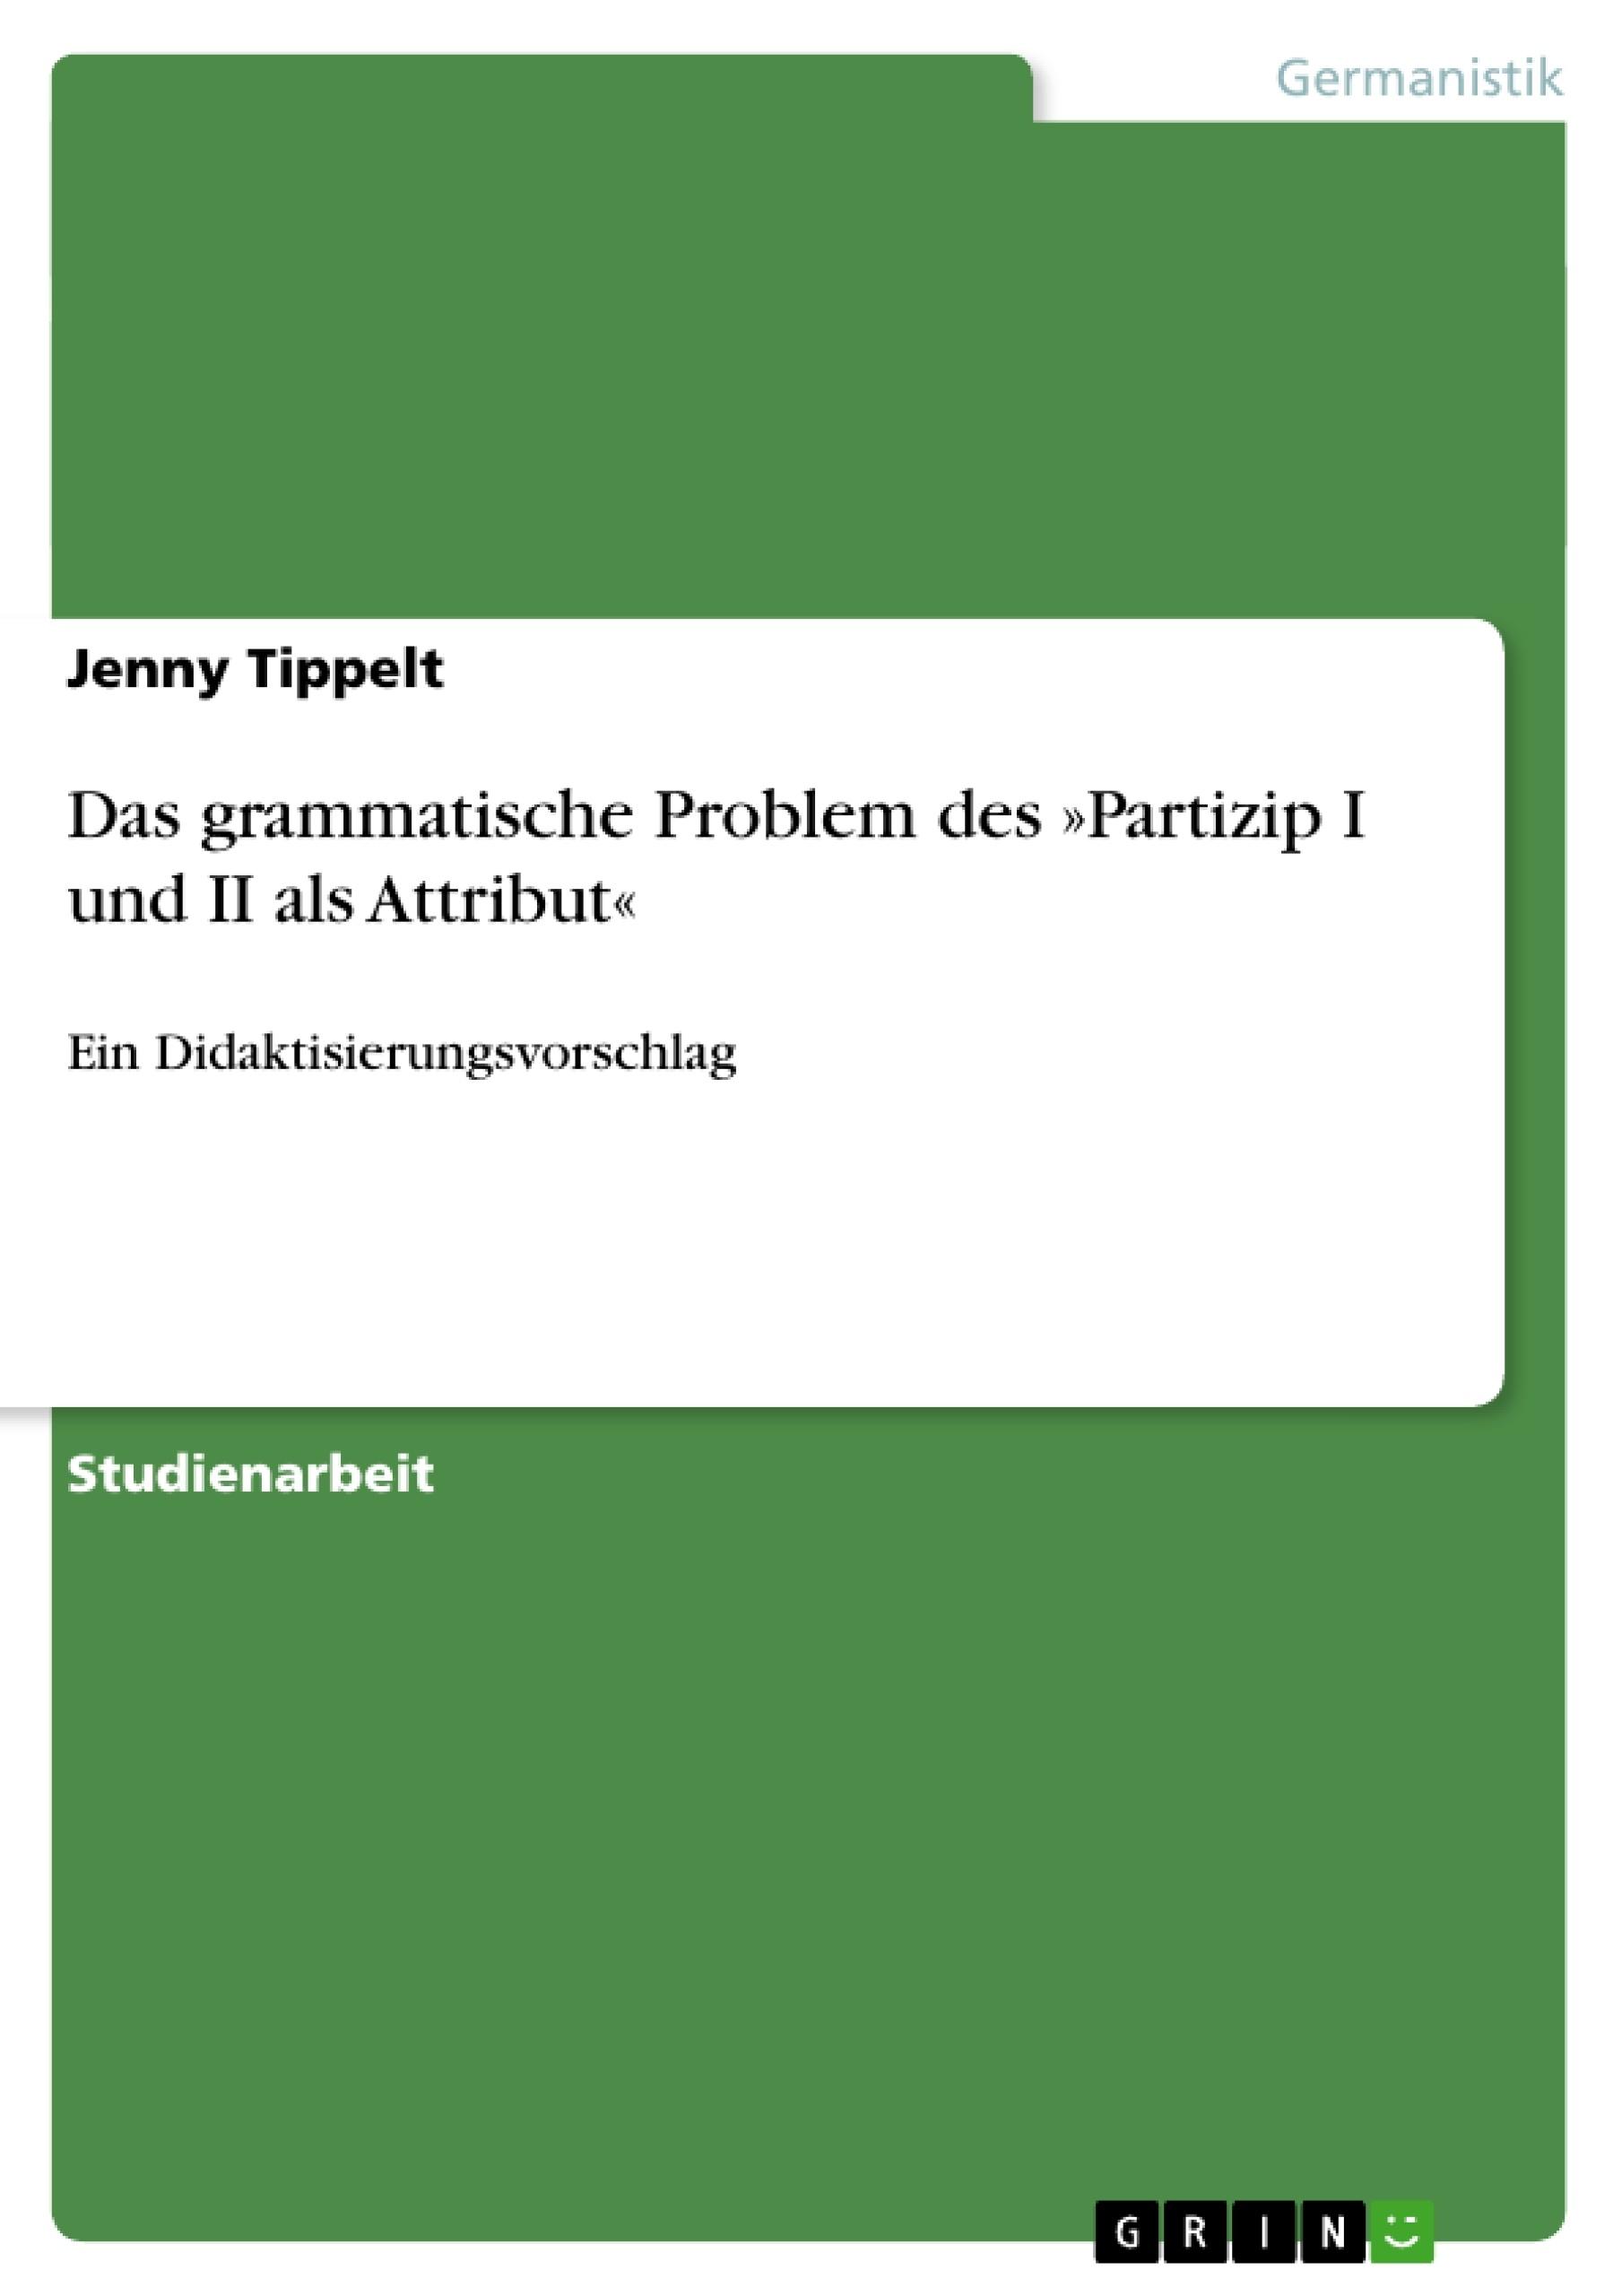 Das grammatische Problem des »Partizip I und II als Attribut ...